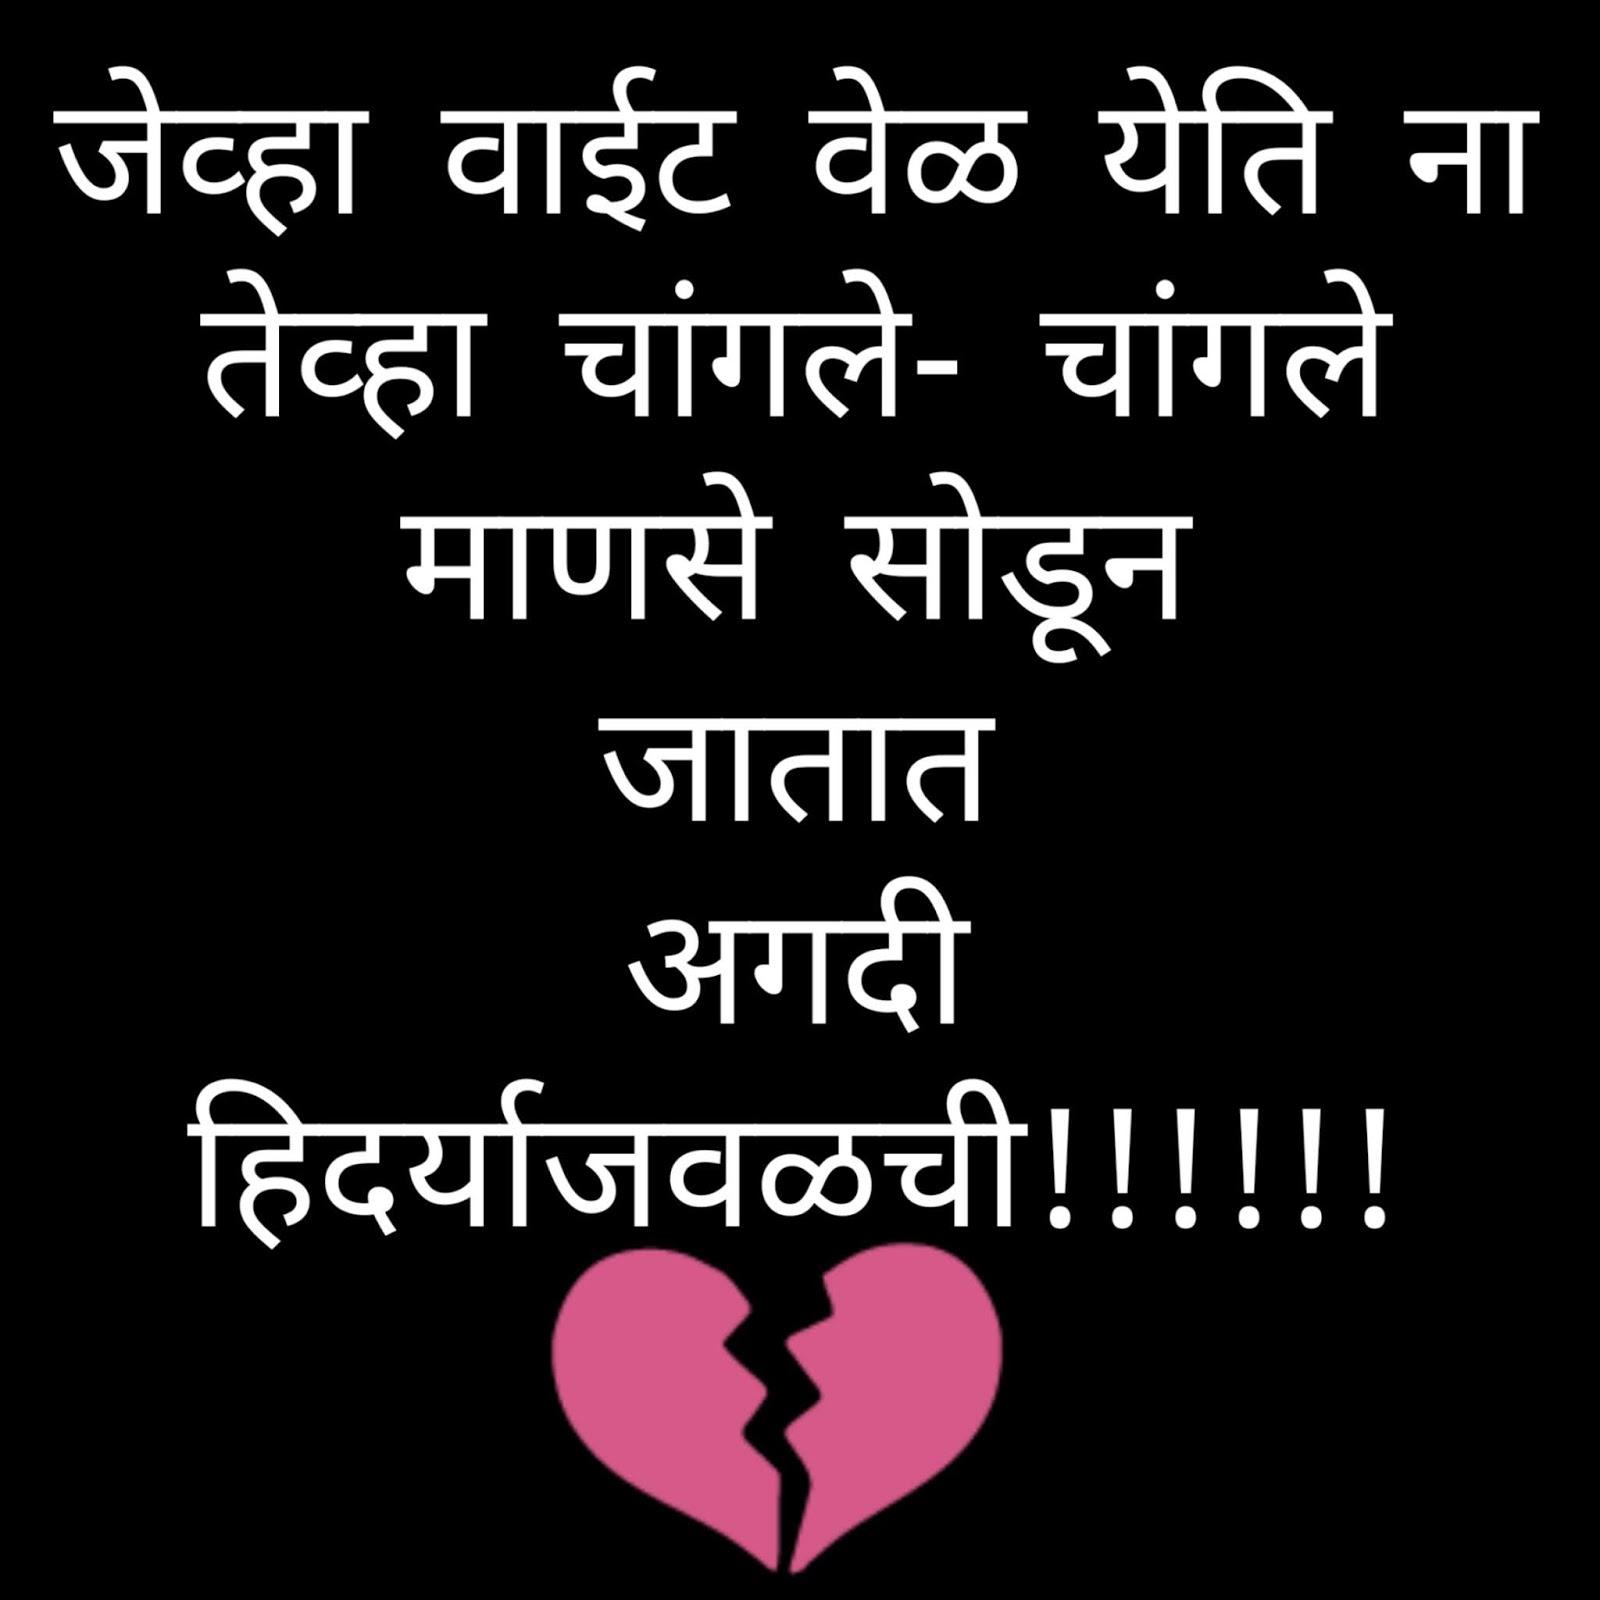 vishwas nangare patil marathi status on life